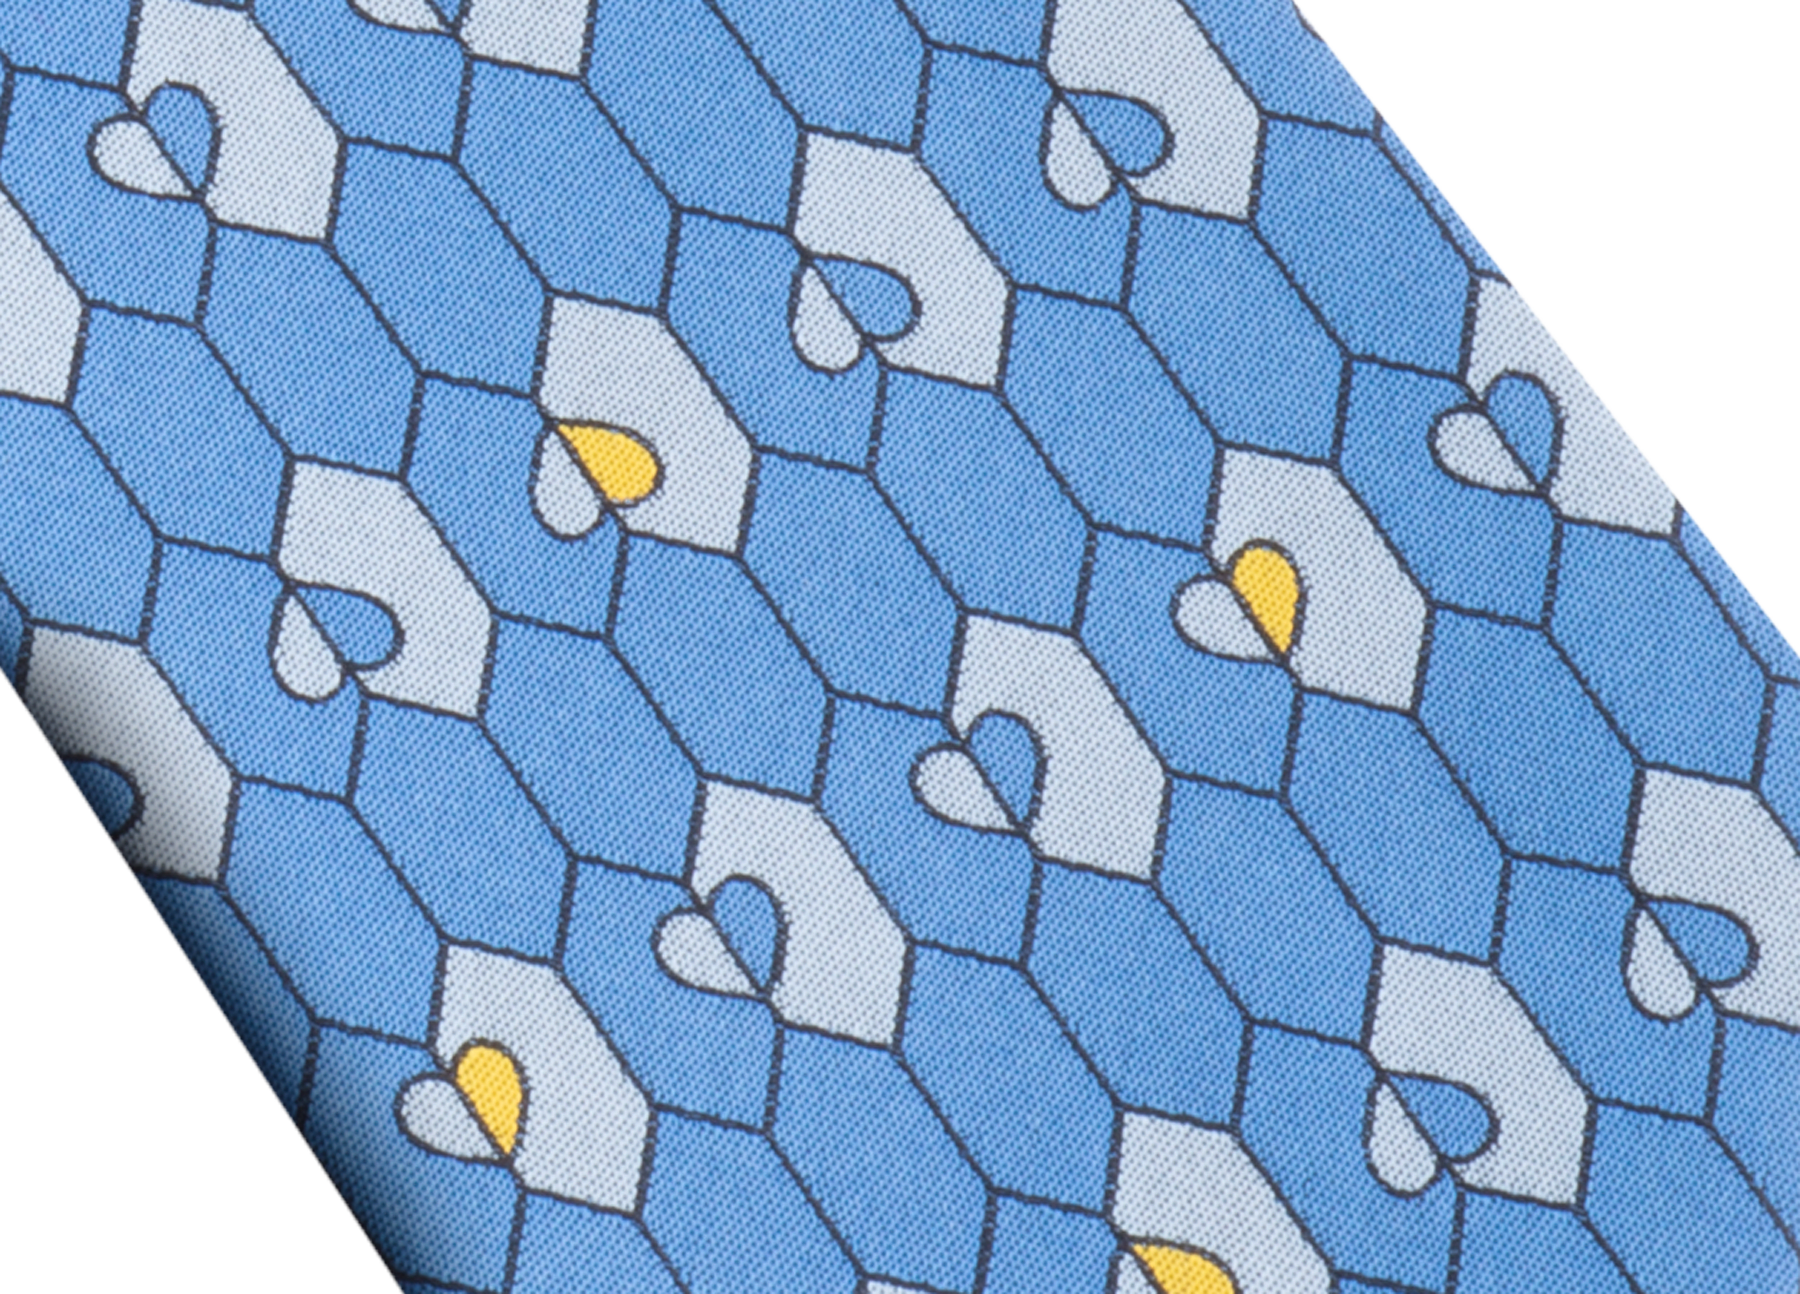 Cravate sept plis Queen of Hearts bleu clair en jacquard de soie fine. 244127 image 2